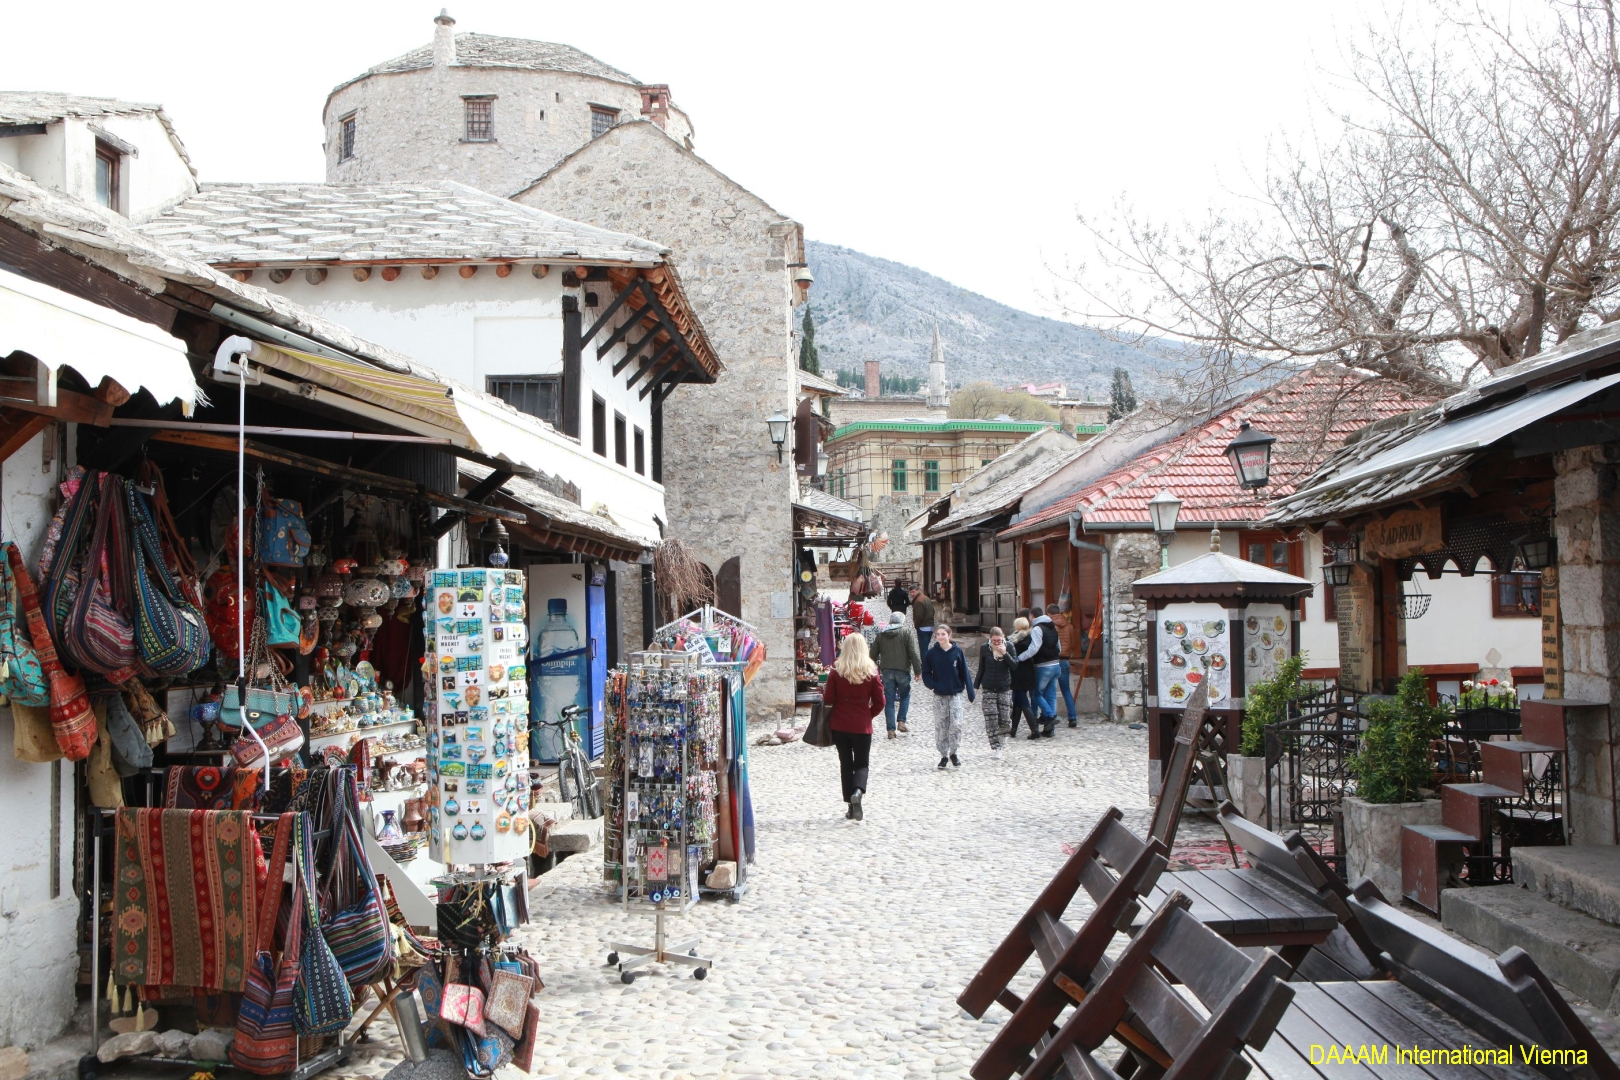 DAAAM_2016_Mostar_01_Magic_City_of_Mostar_046